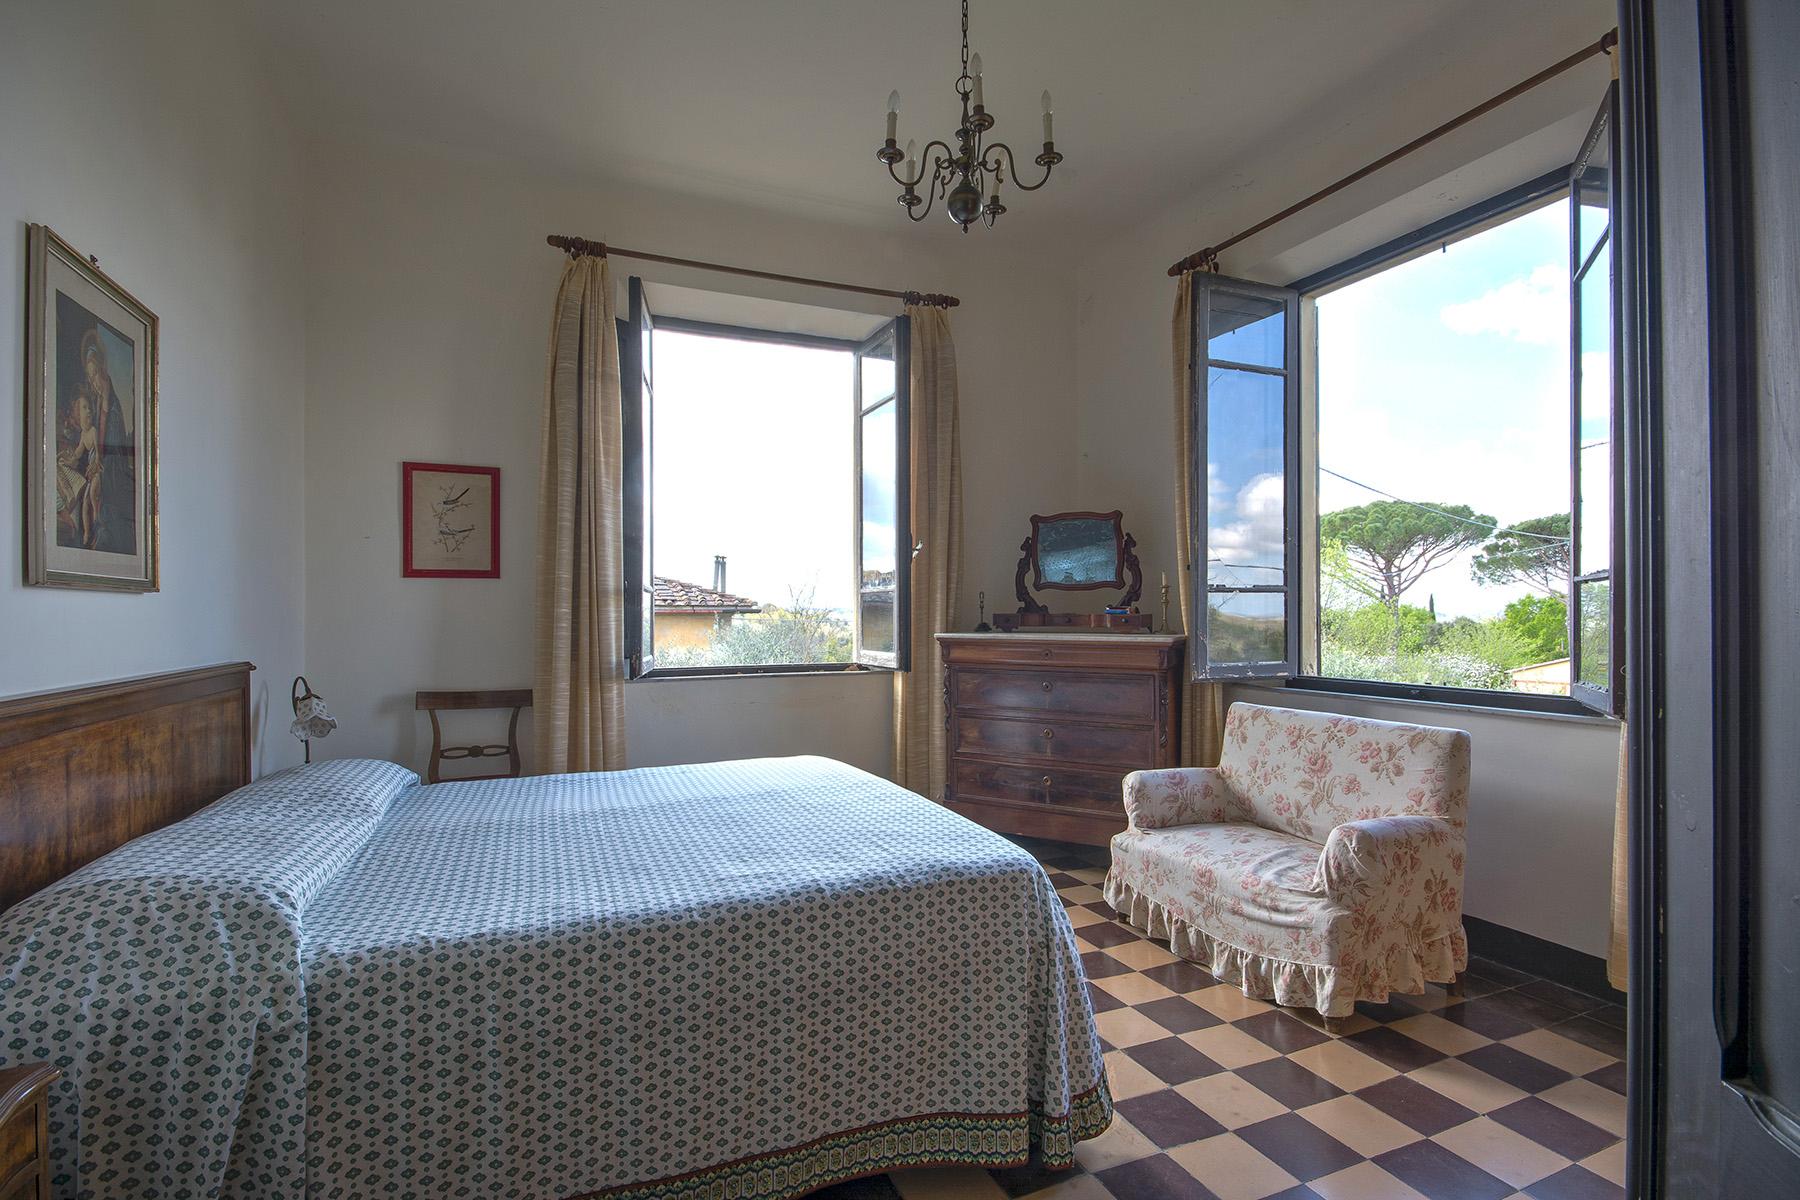 Villa in Vendita a Crespina Lorenzana: 5 locali, 900 mq - Foto 11